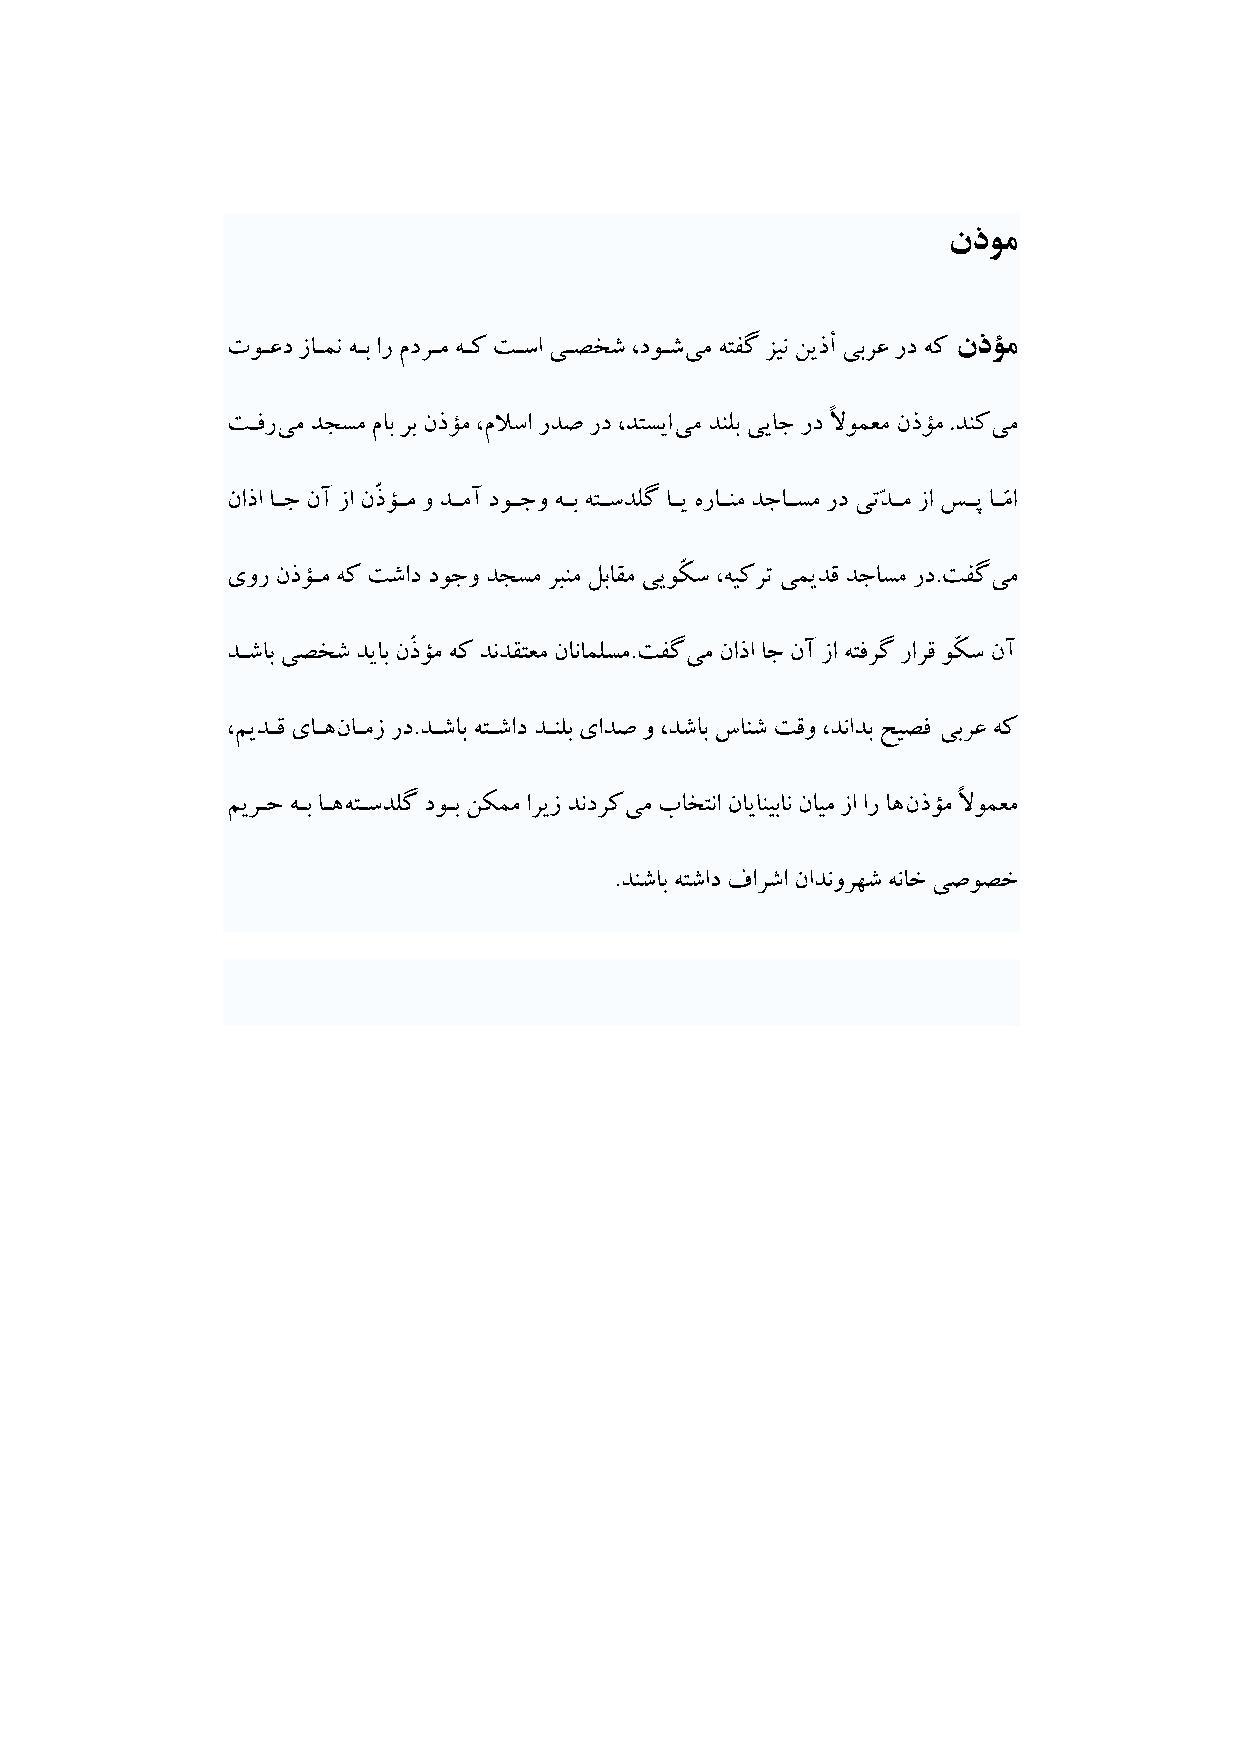 ترجمه مقاله و تحقیق - اذان - نماز